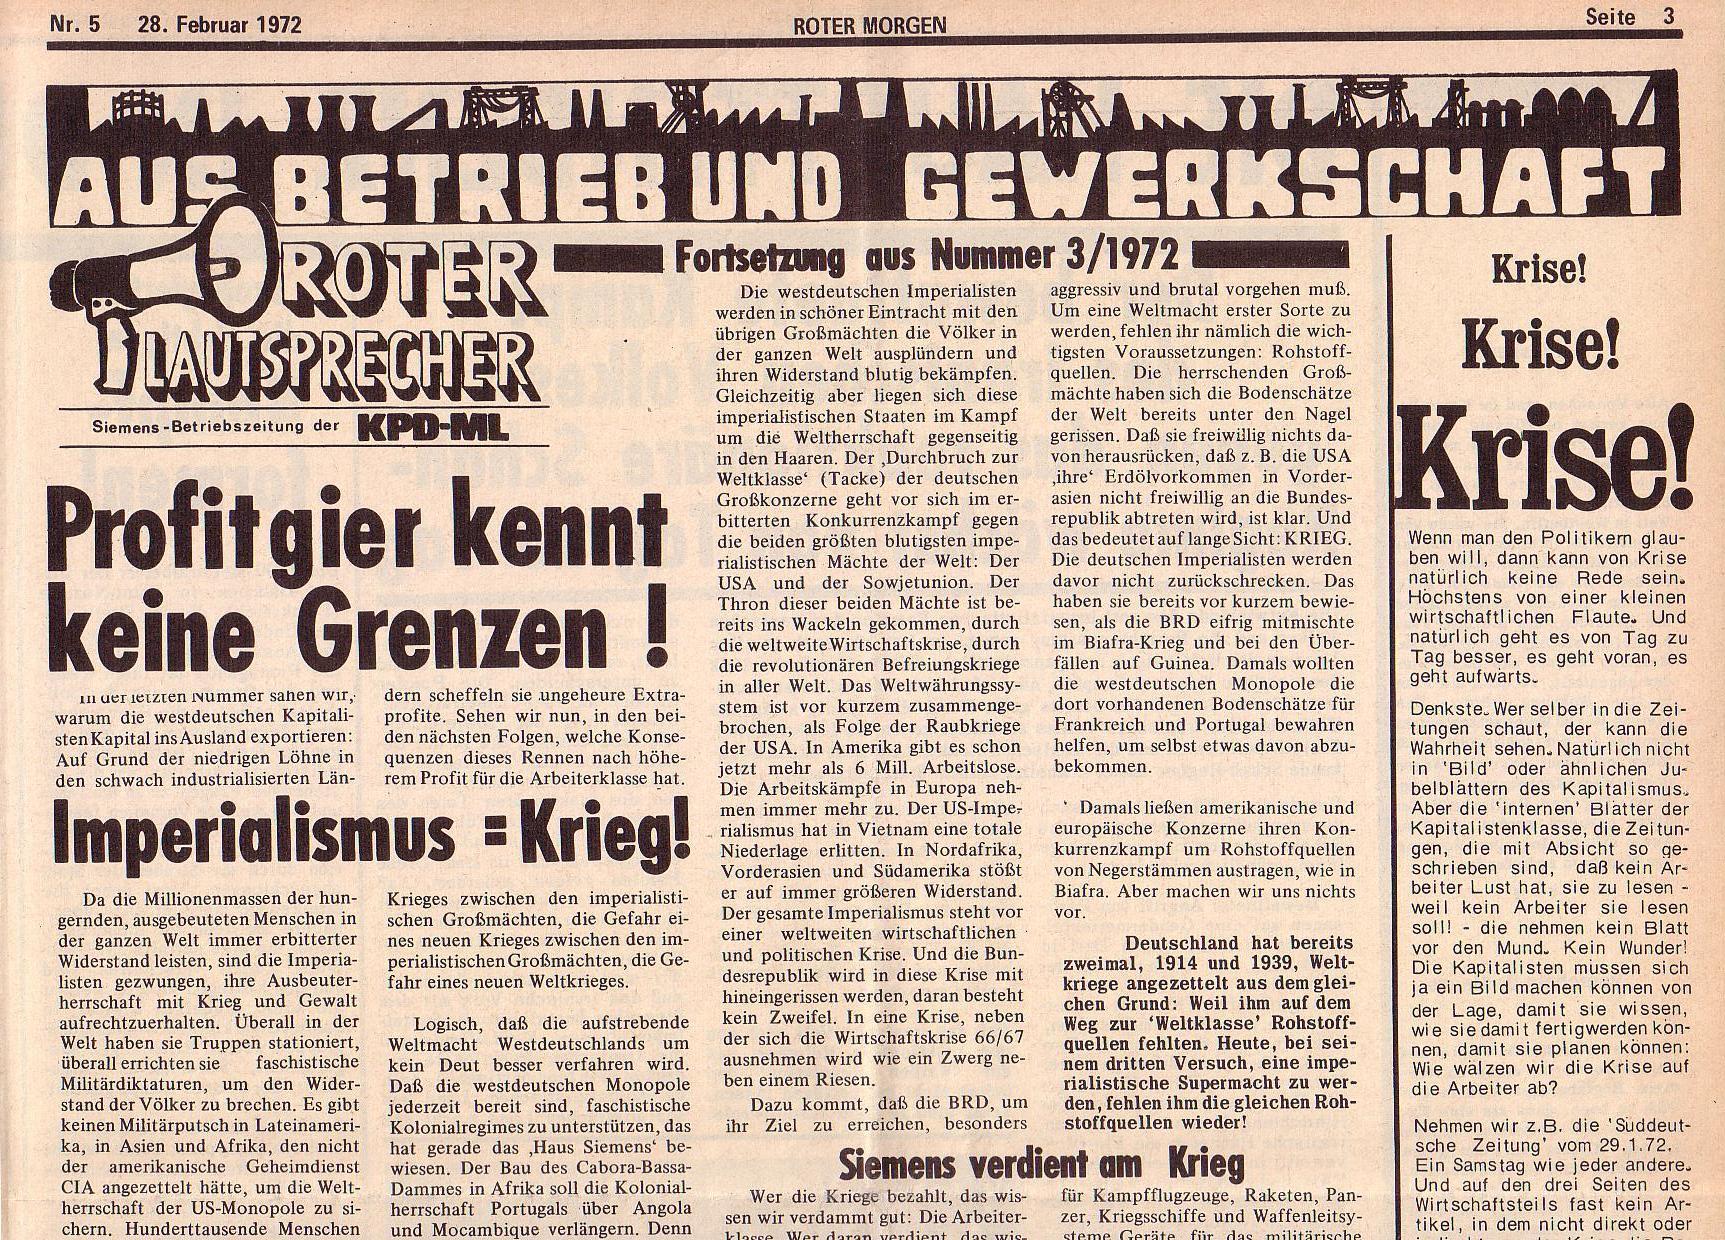 Roter Morgen, 6. Jg., 28. Februar 1972, Nr. 5, Seite 3a